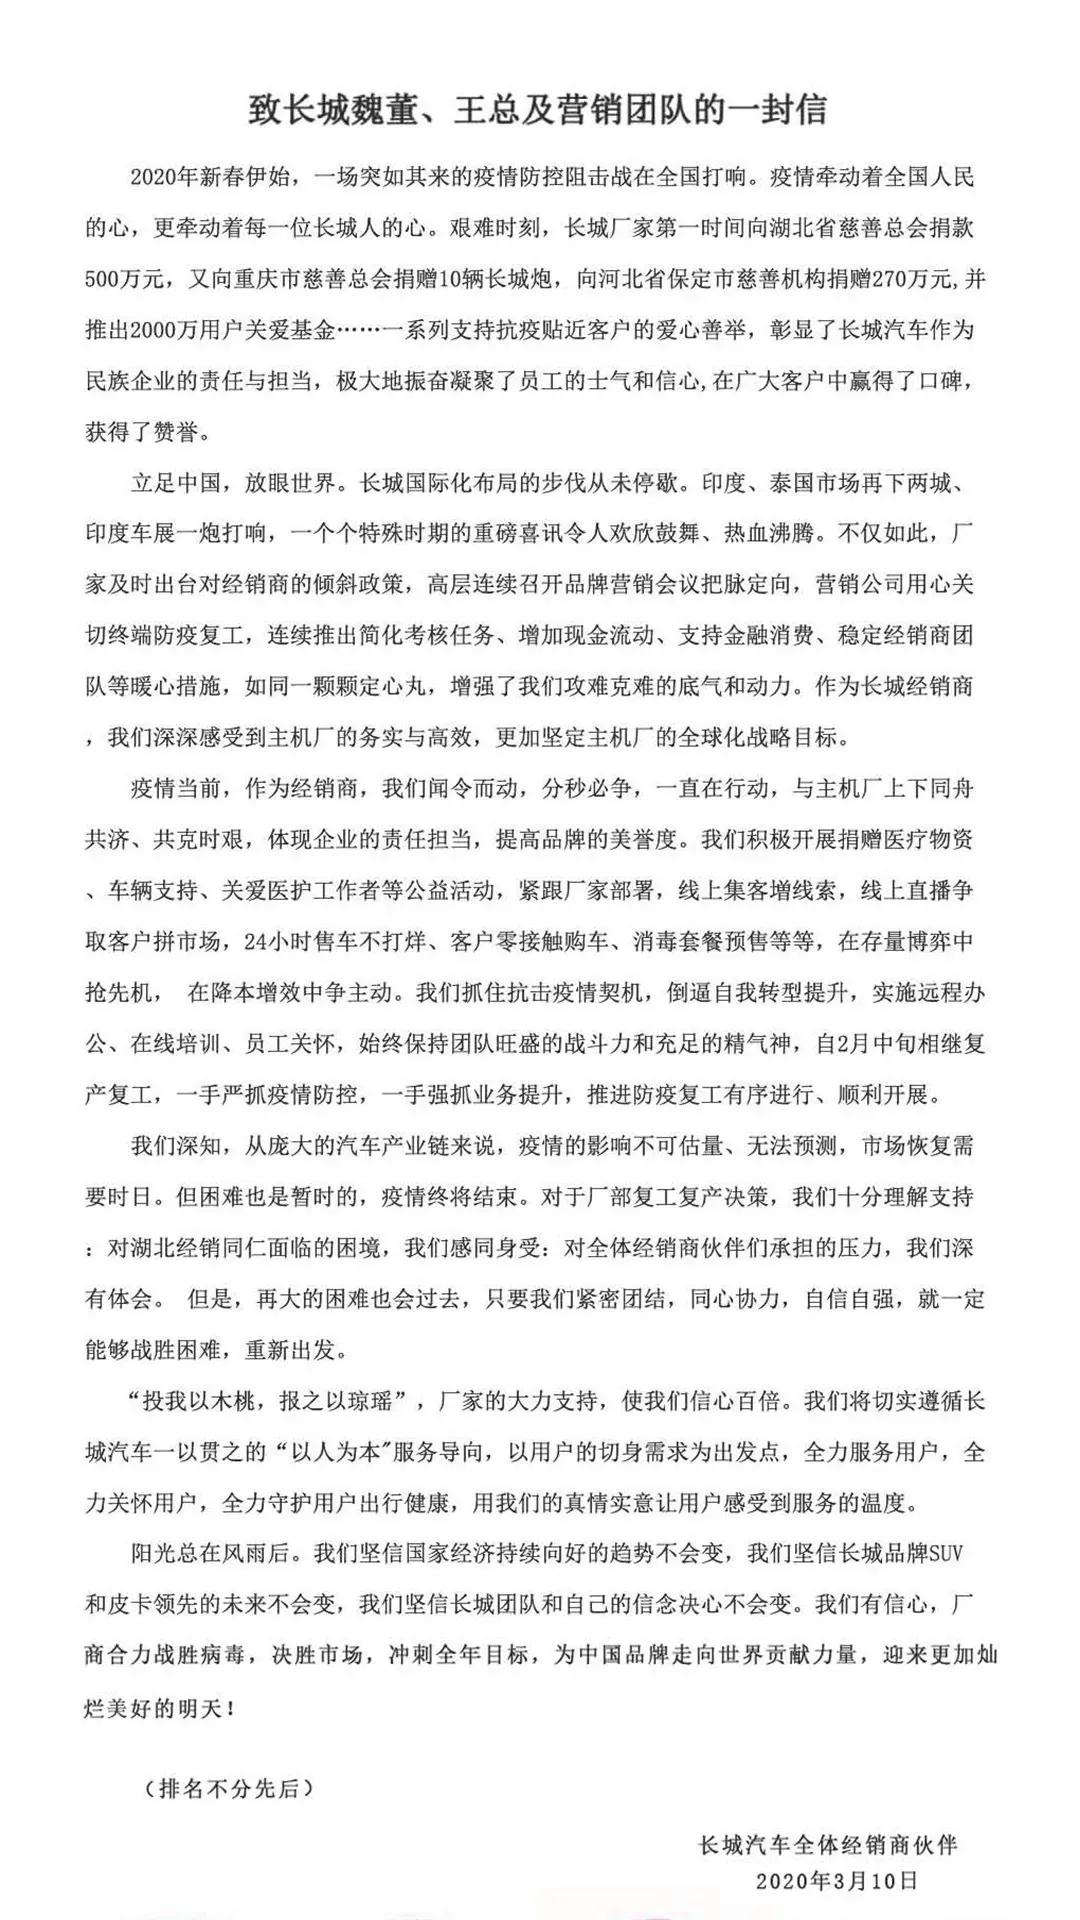 124家经销商致信长城汽车 厂商携手共建有温度的中国汽车品牌